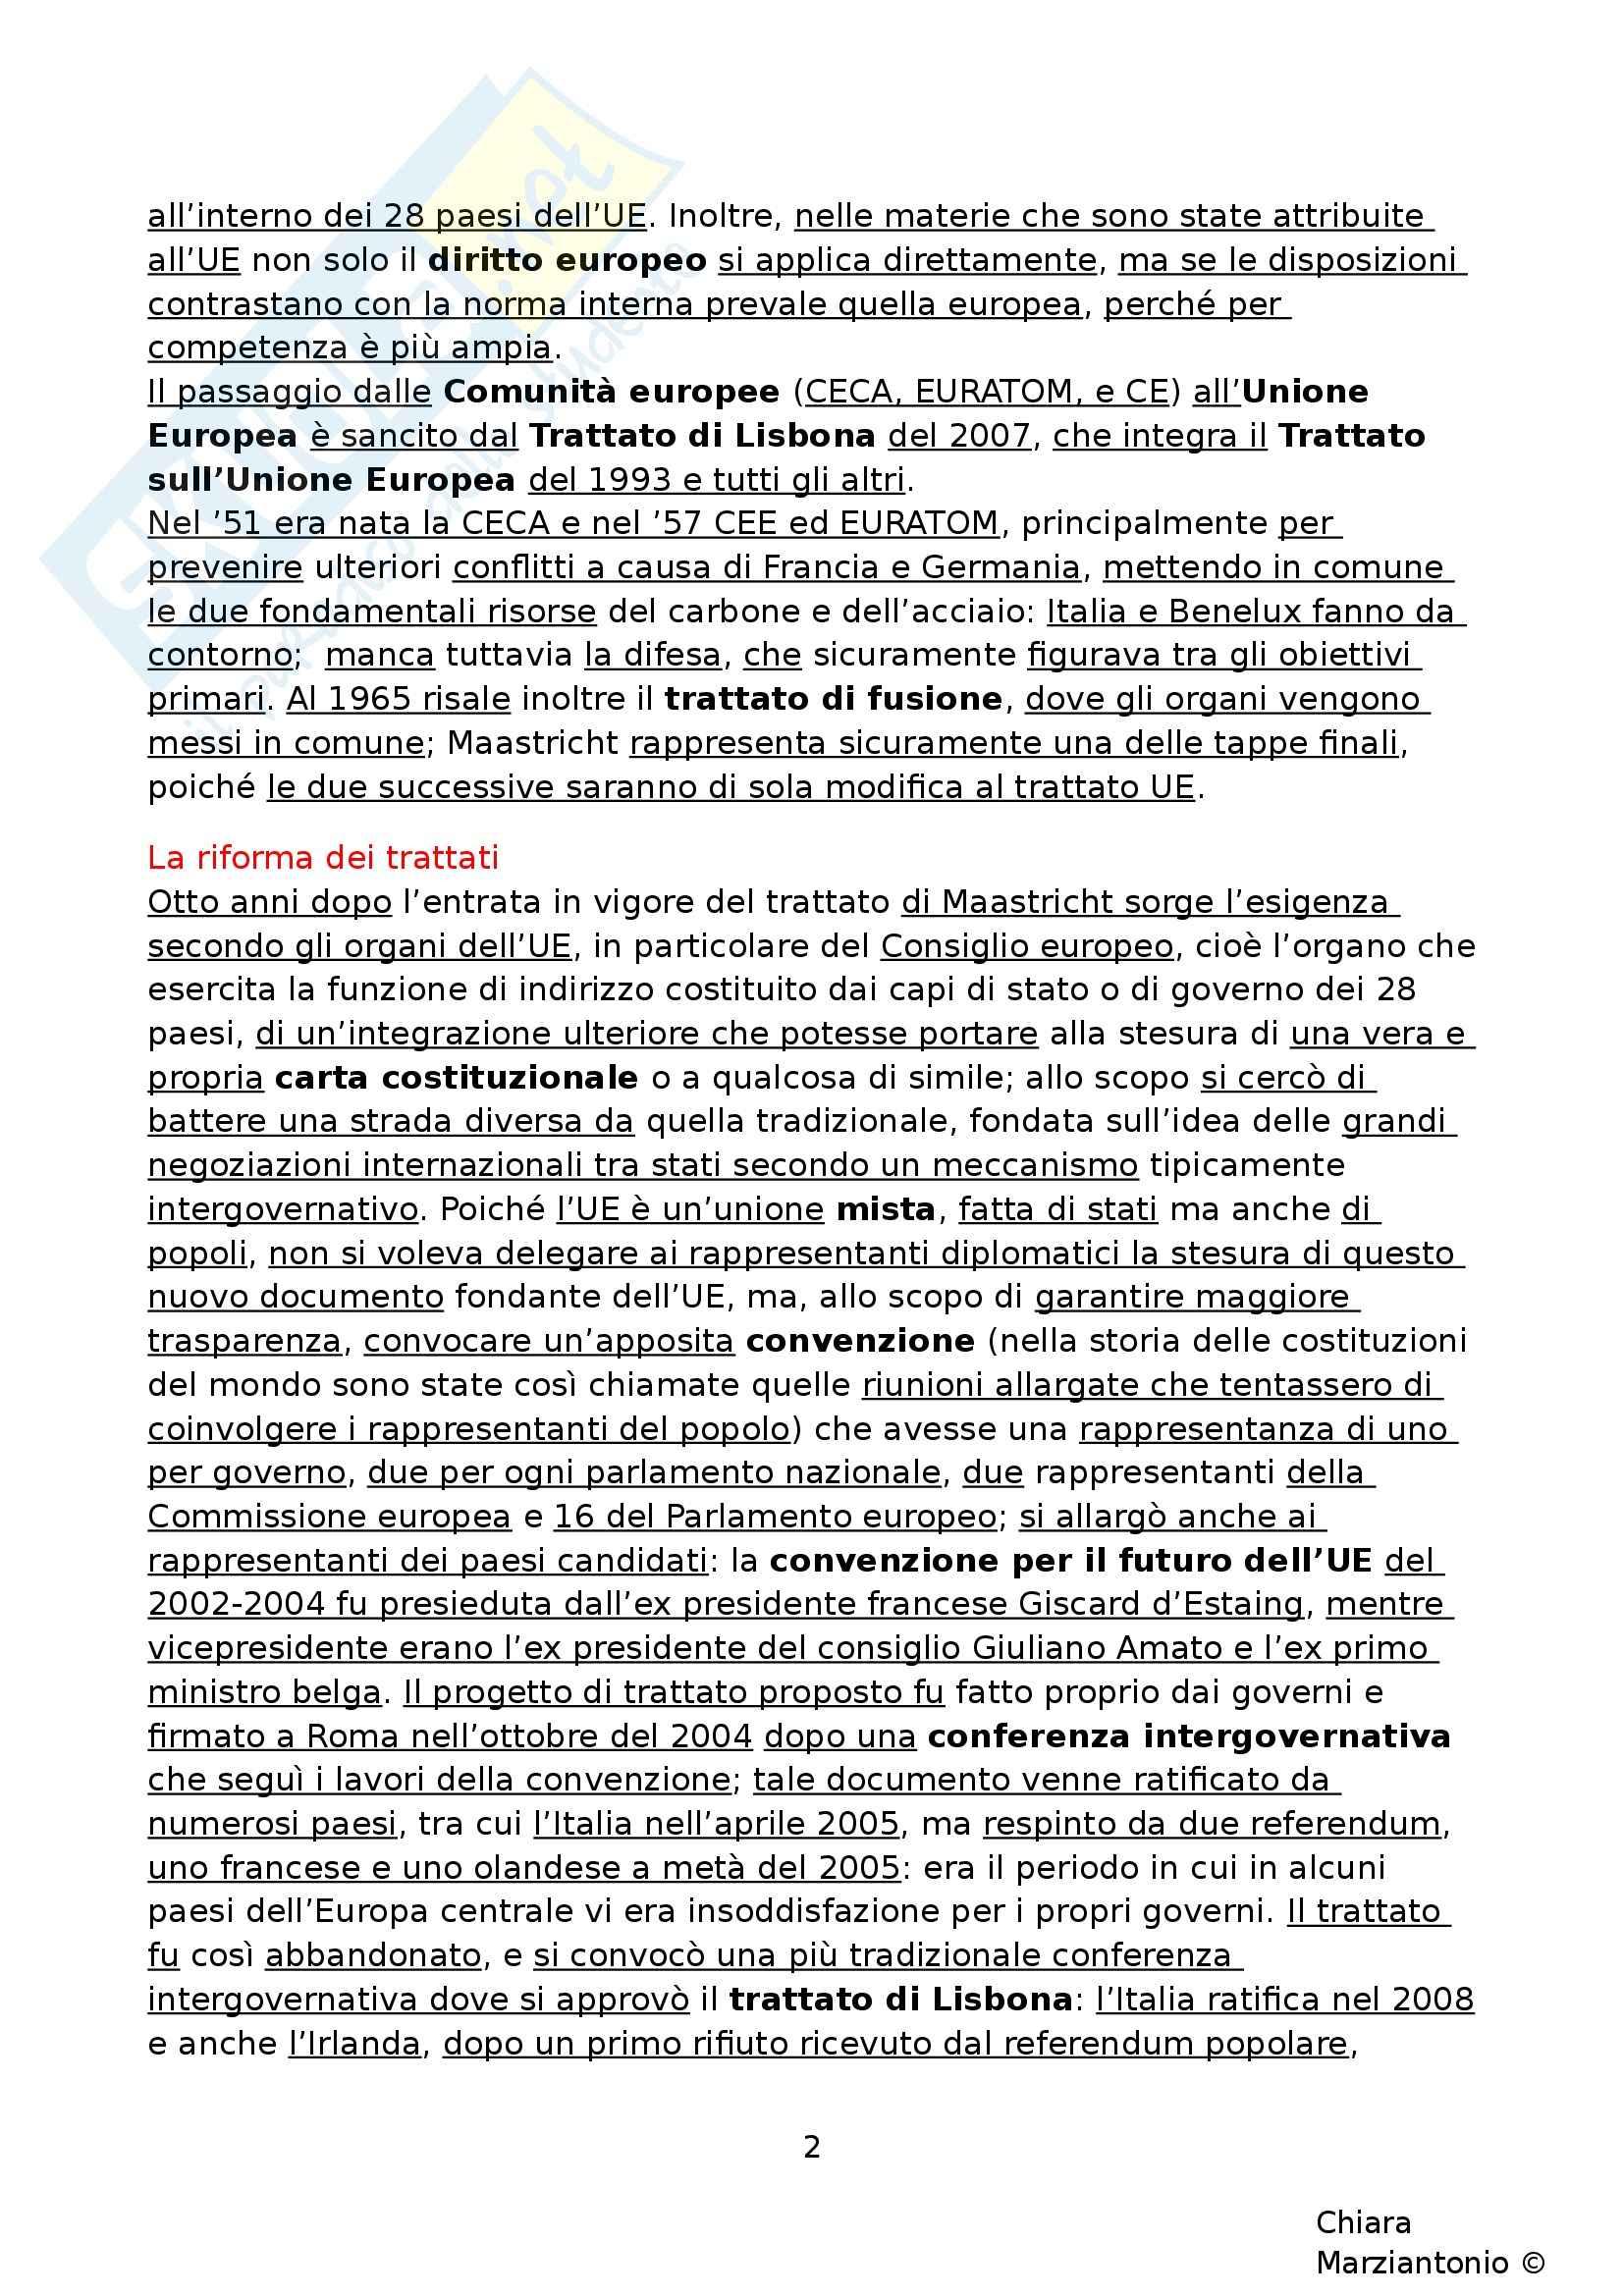 Riassunto esame Istituzioni di Diritto Pubblico, prof. Corsi, libro consigliato Corso di Diritto Pubblico, Barbera, Fusaro - cap. 4 Pag. 2